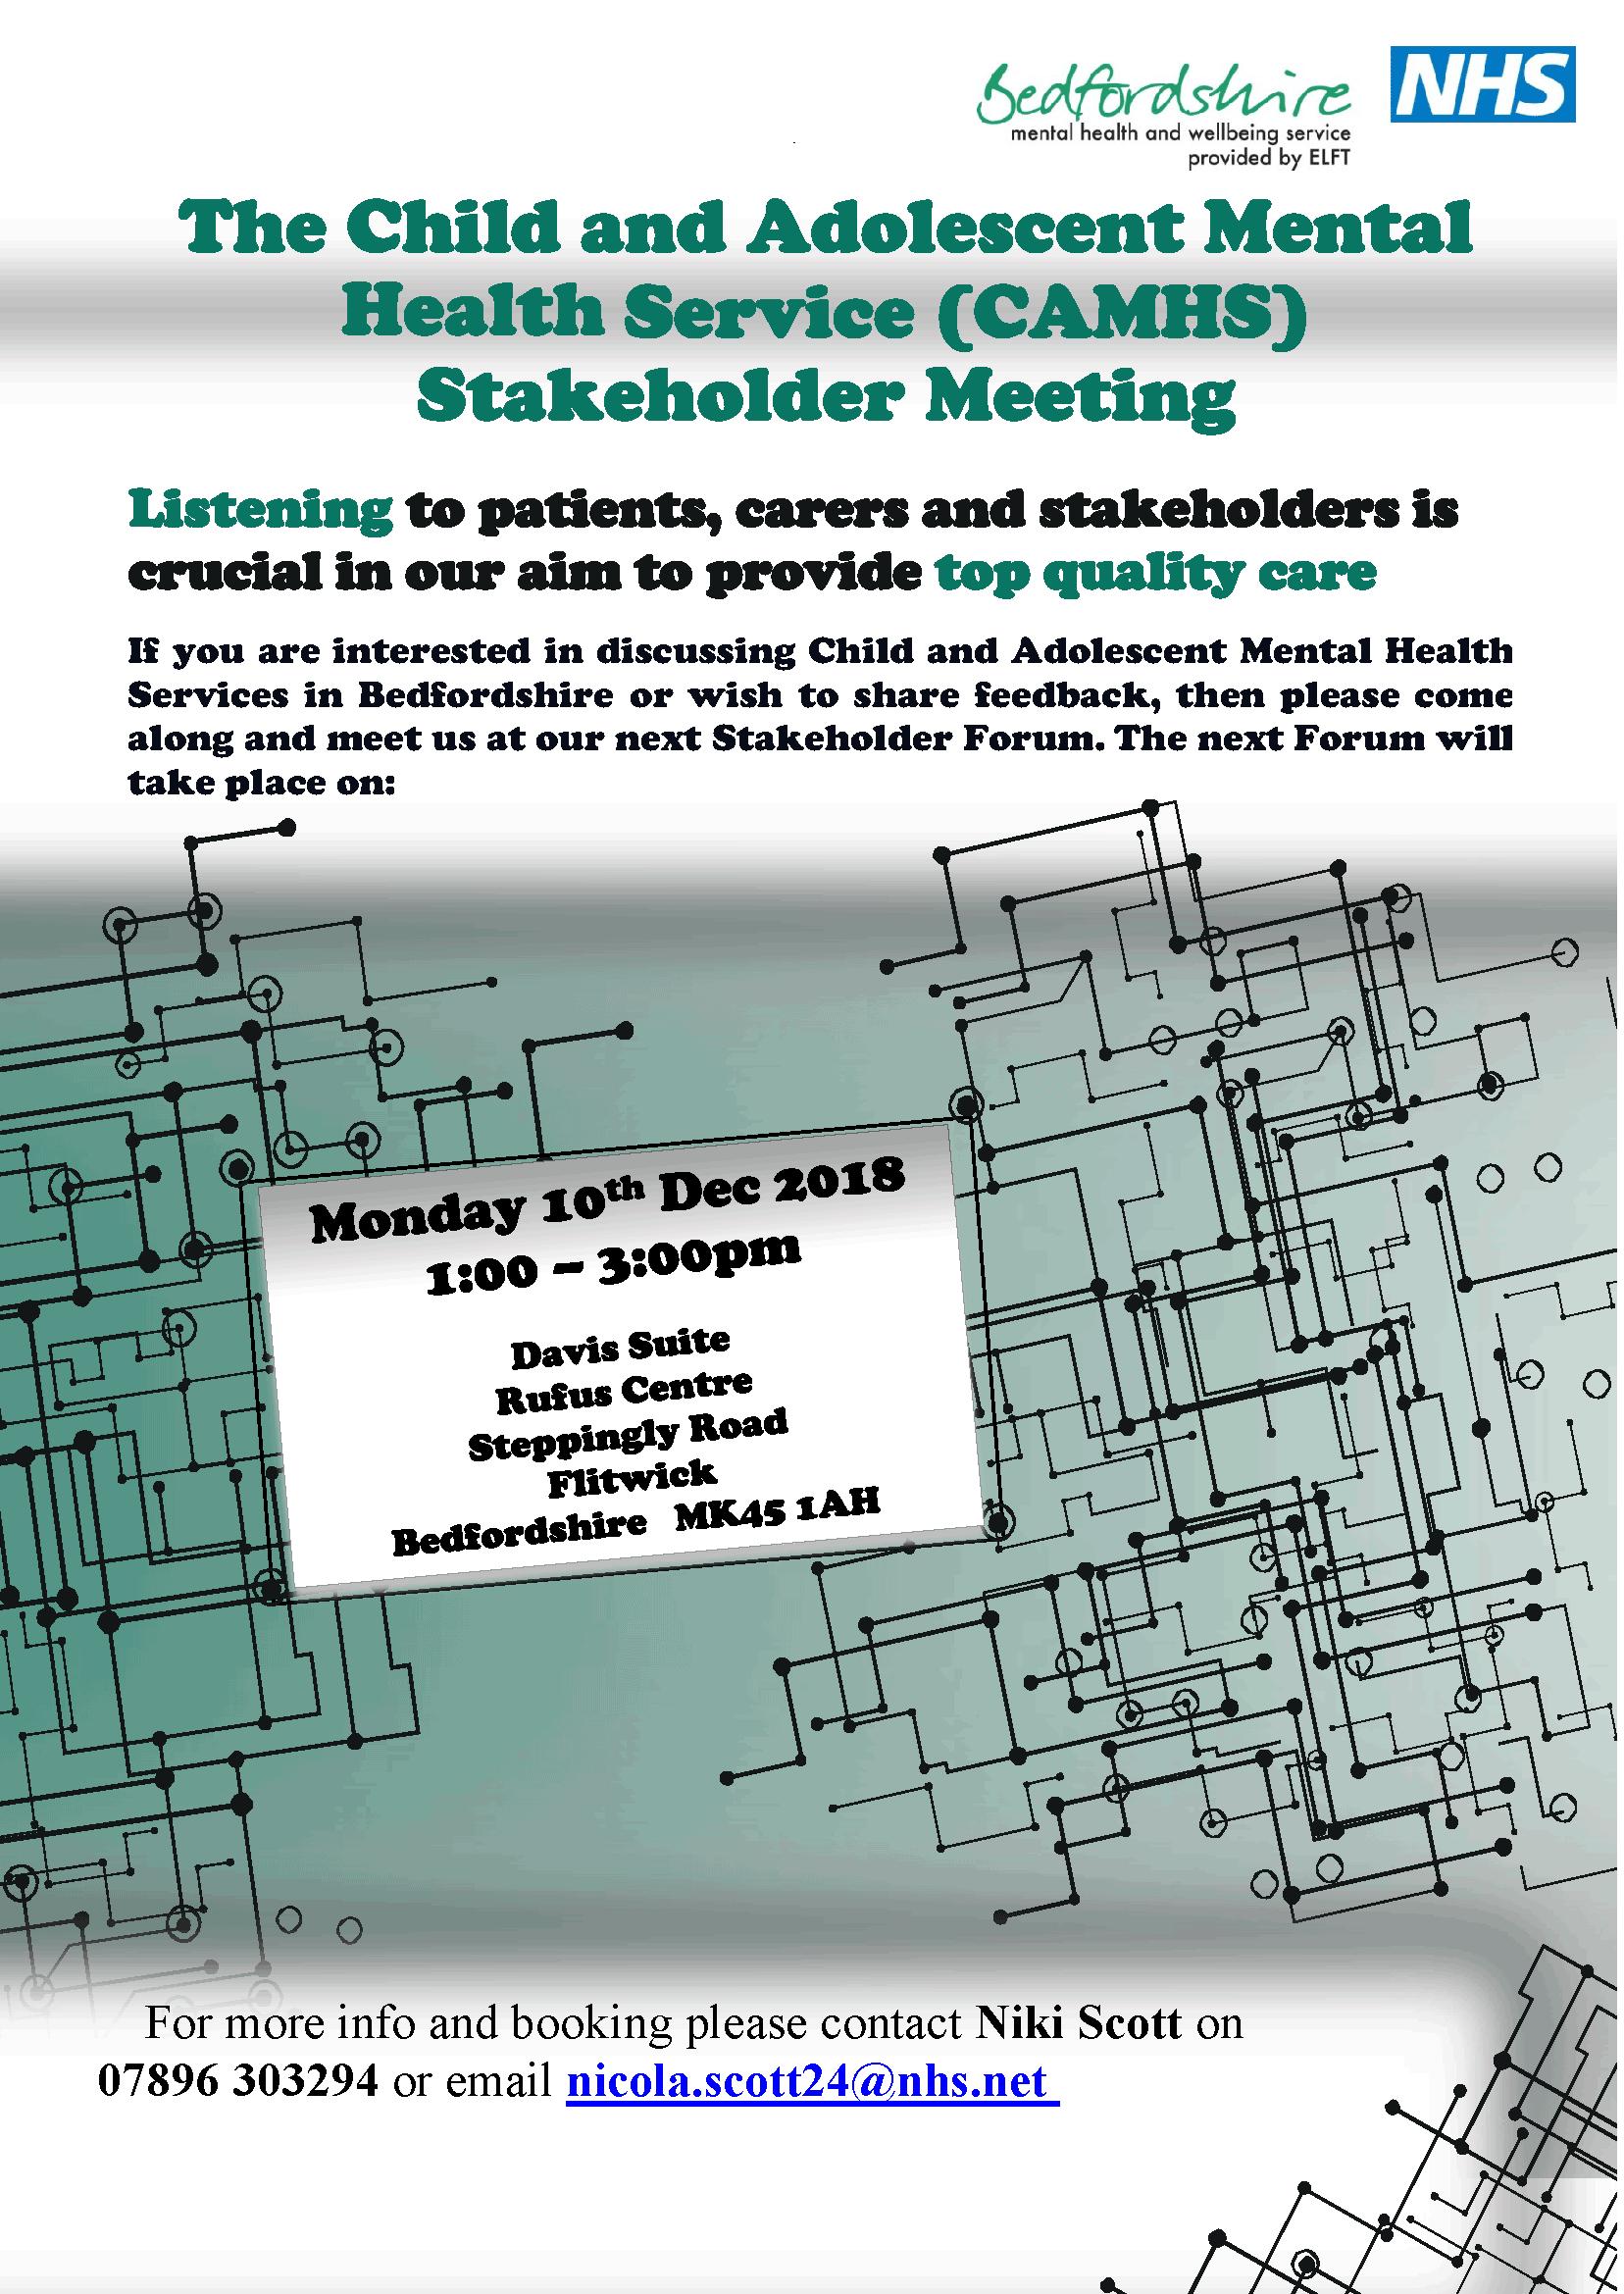 CAMHS-Stakeholder Meeting